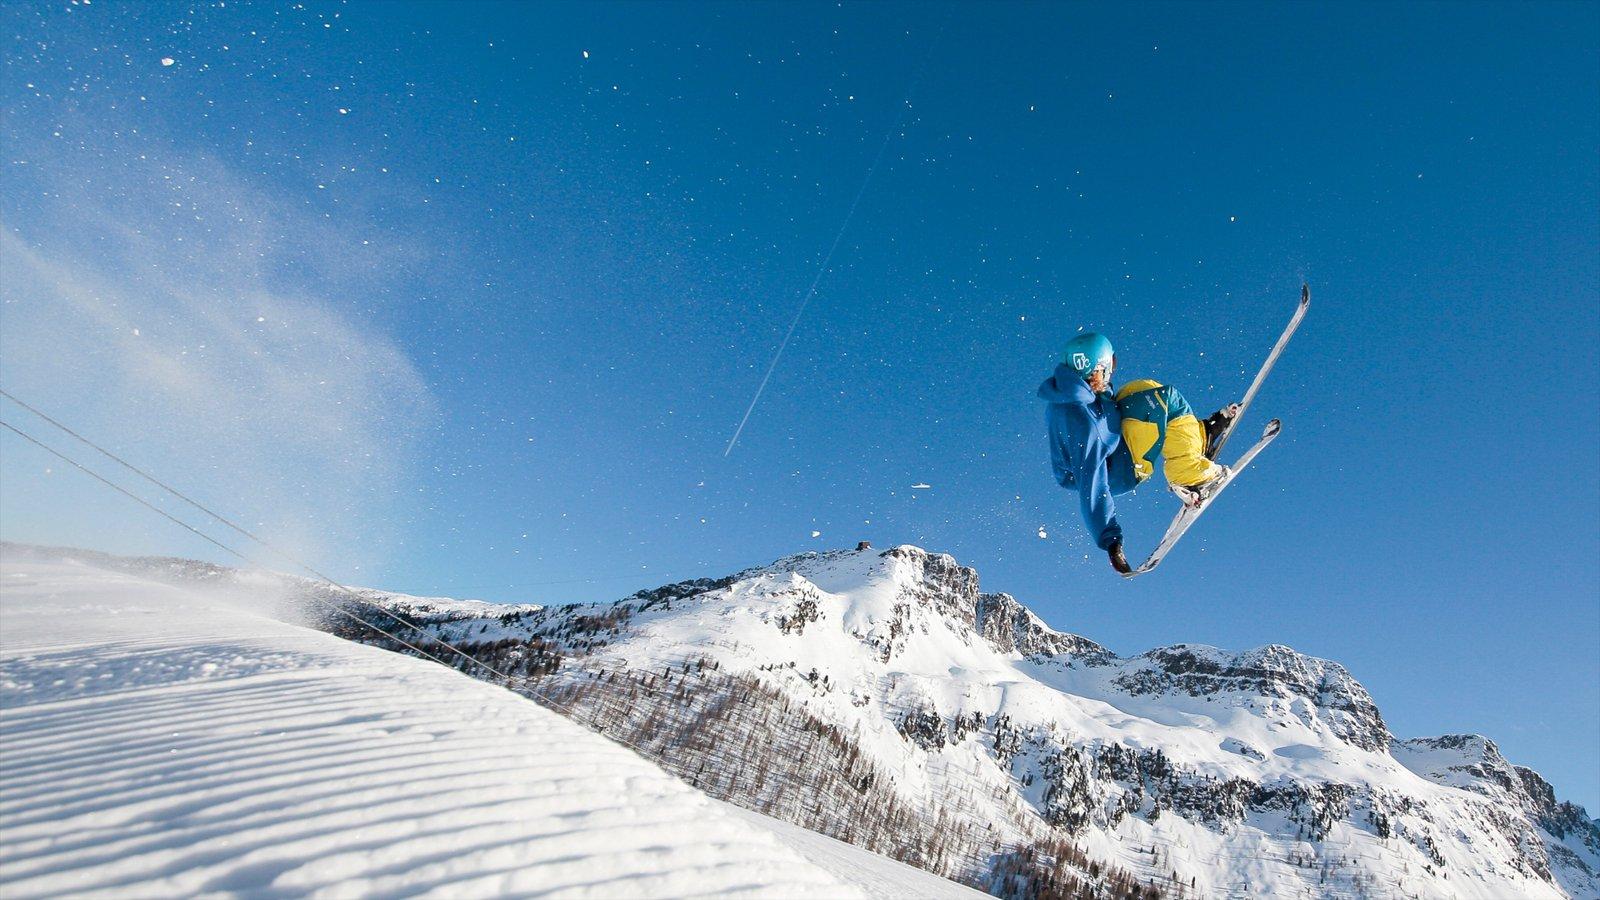 Fassa Valley que inclui esqui na neve, neve e montanhas